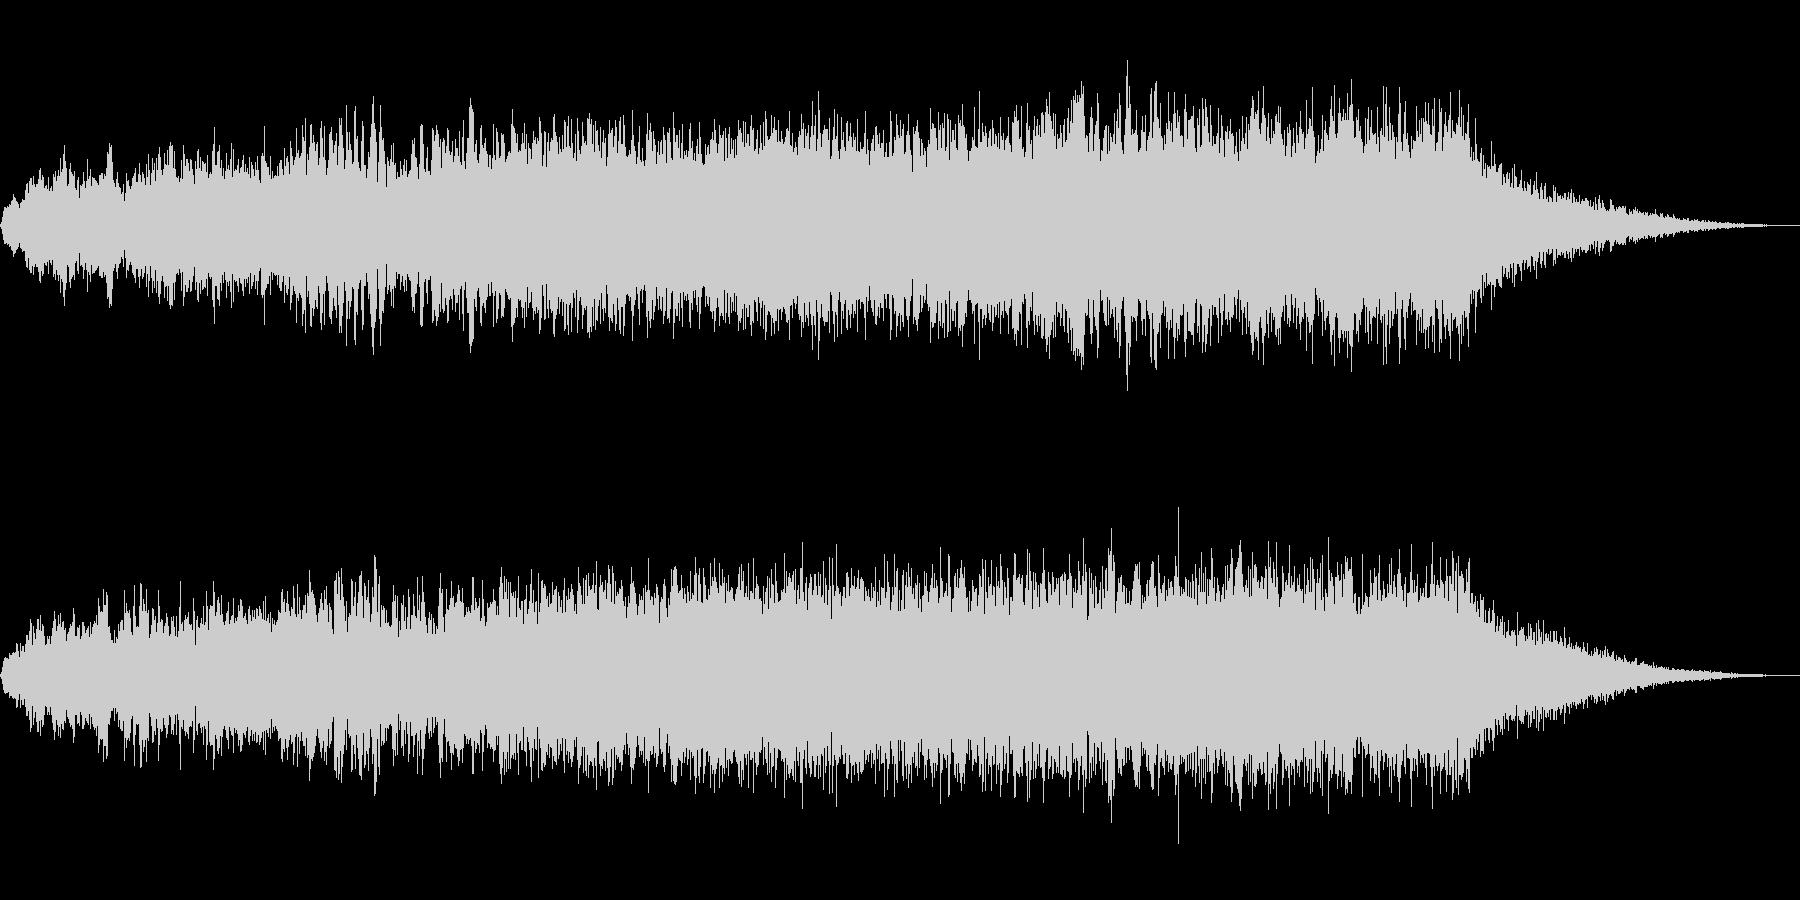 ホラー、サスペンス調の奇妙な音の未再生の波形